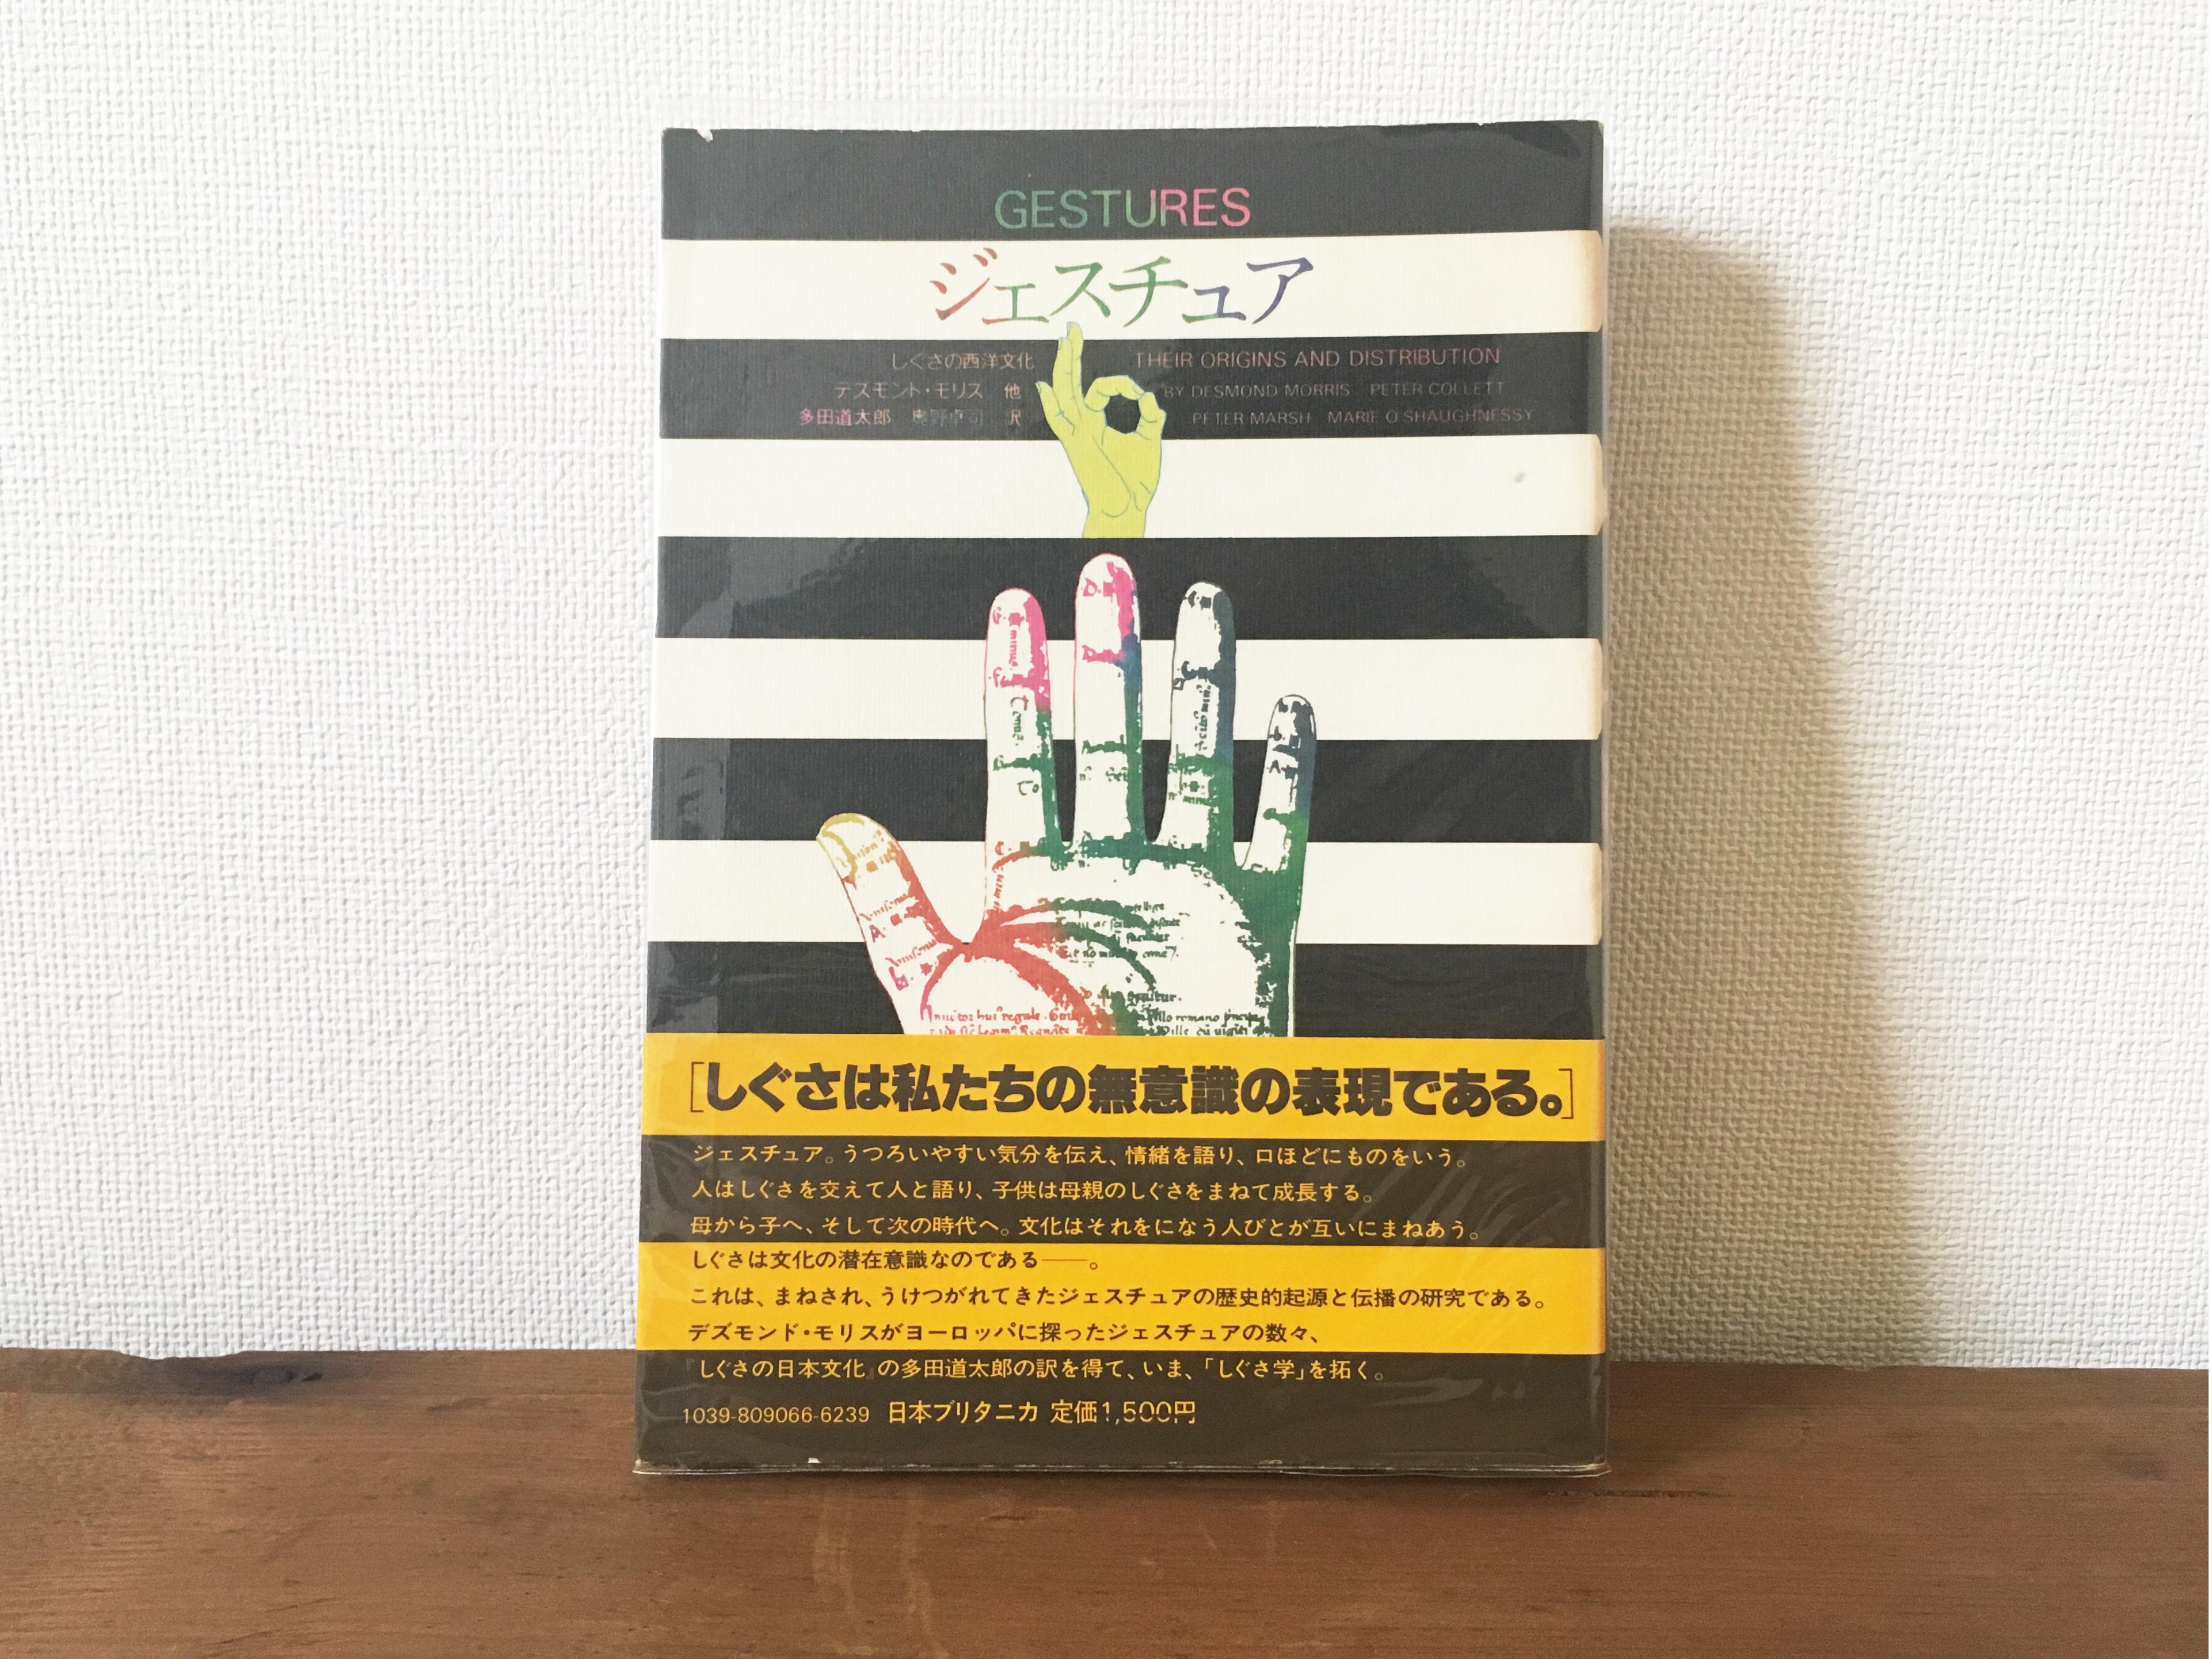 [古本]ジェスチュア しぐさの西洋文化 / デズモンド・モリス他 、多田道太郎+奥野卓司 共訳